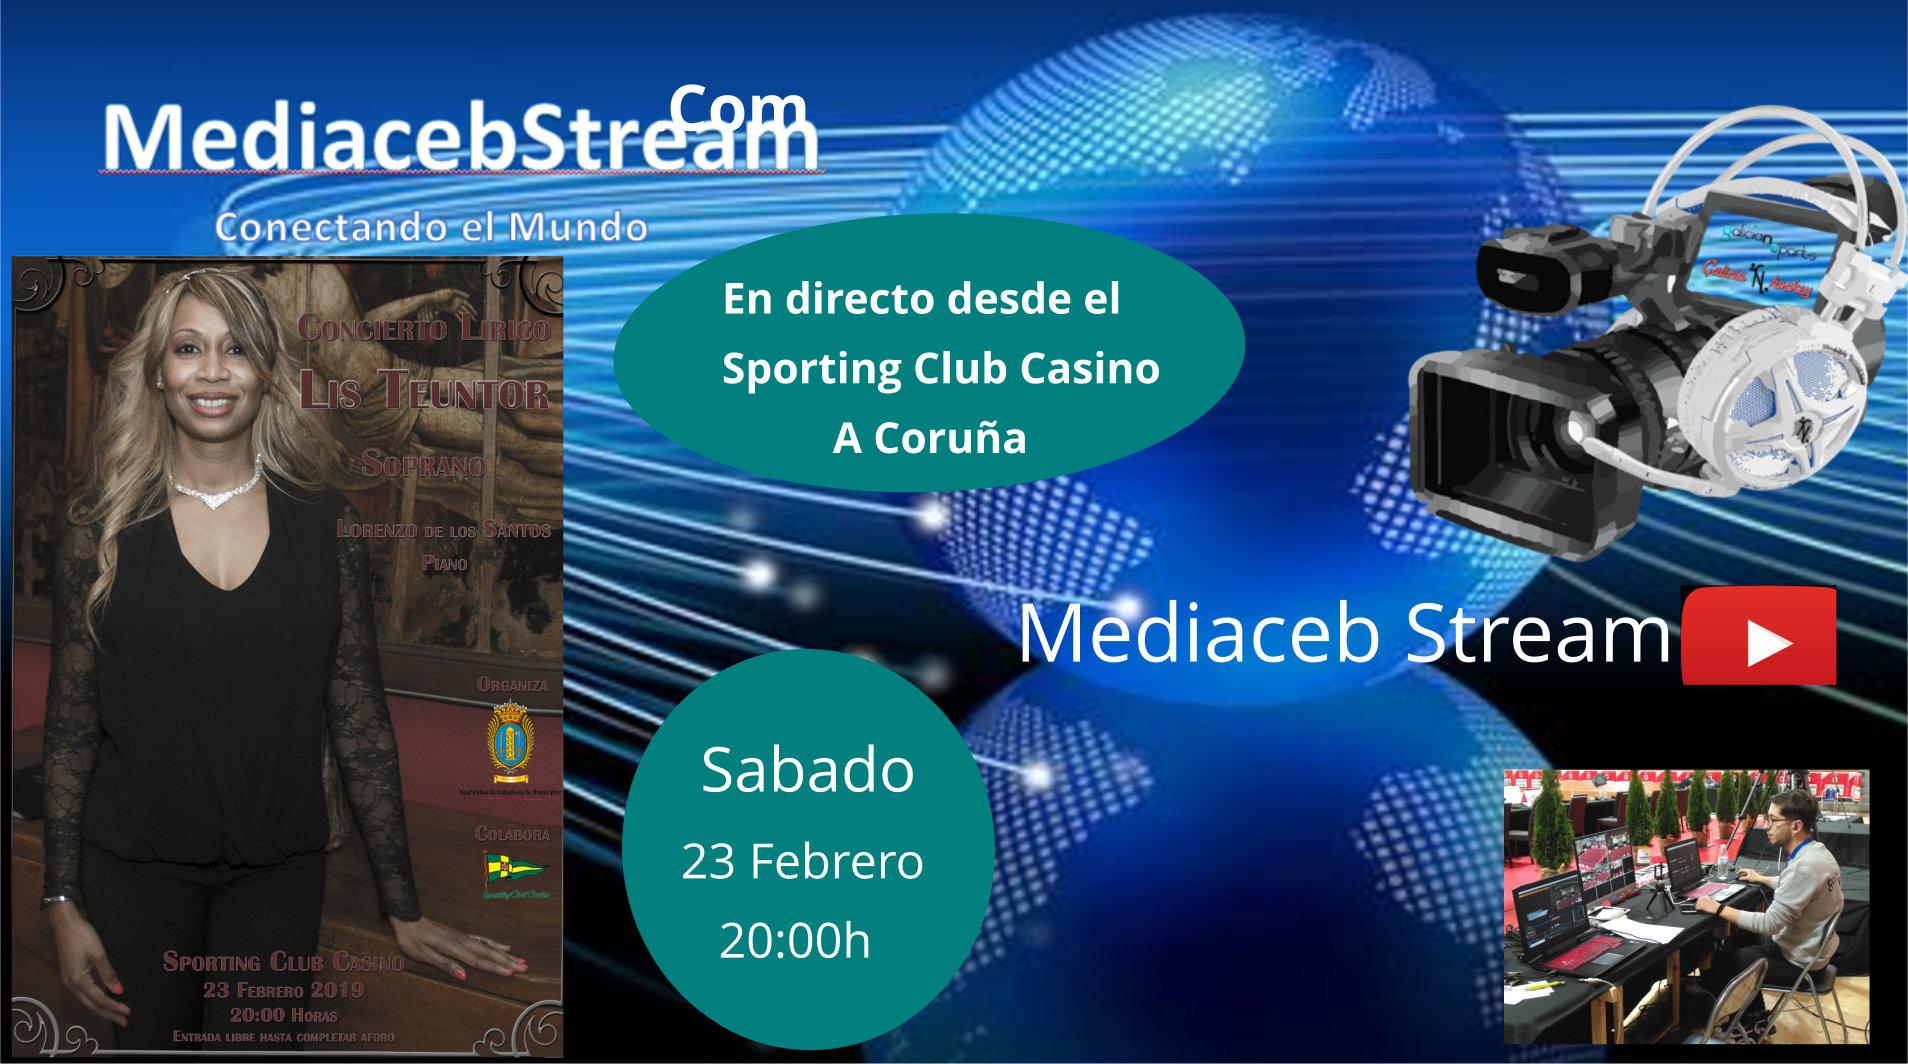 Hoy Sabado emitiremos en directo el Concierto Lirico desde el Sporting Club Casino de A Coruña a las 20.00 h , no te lo pierdas.